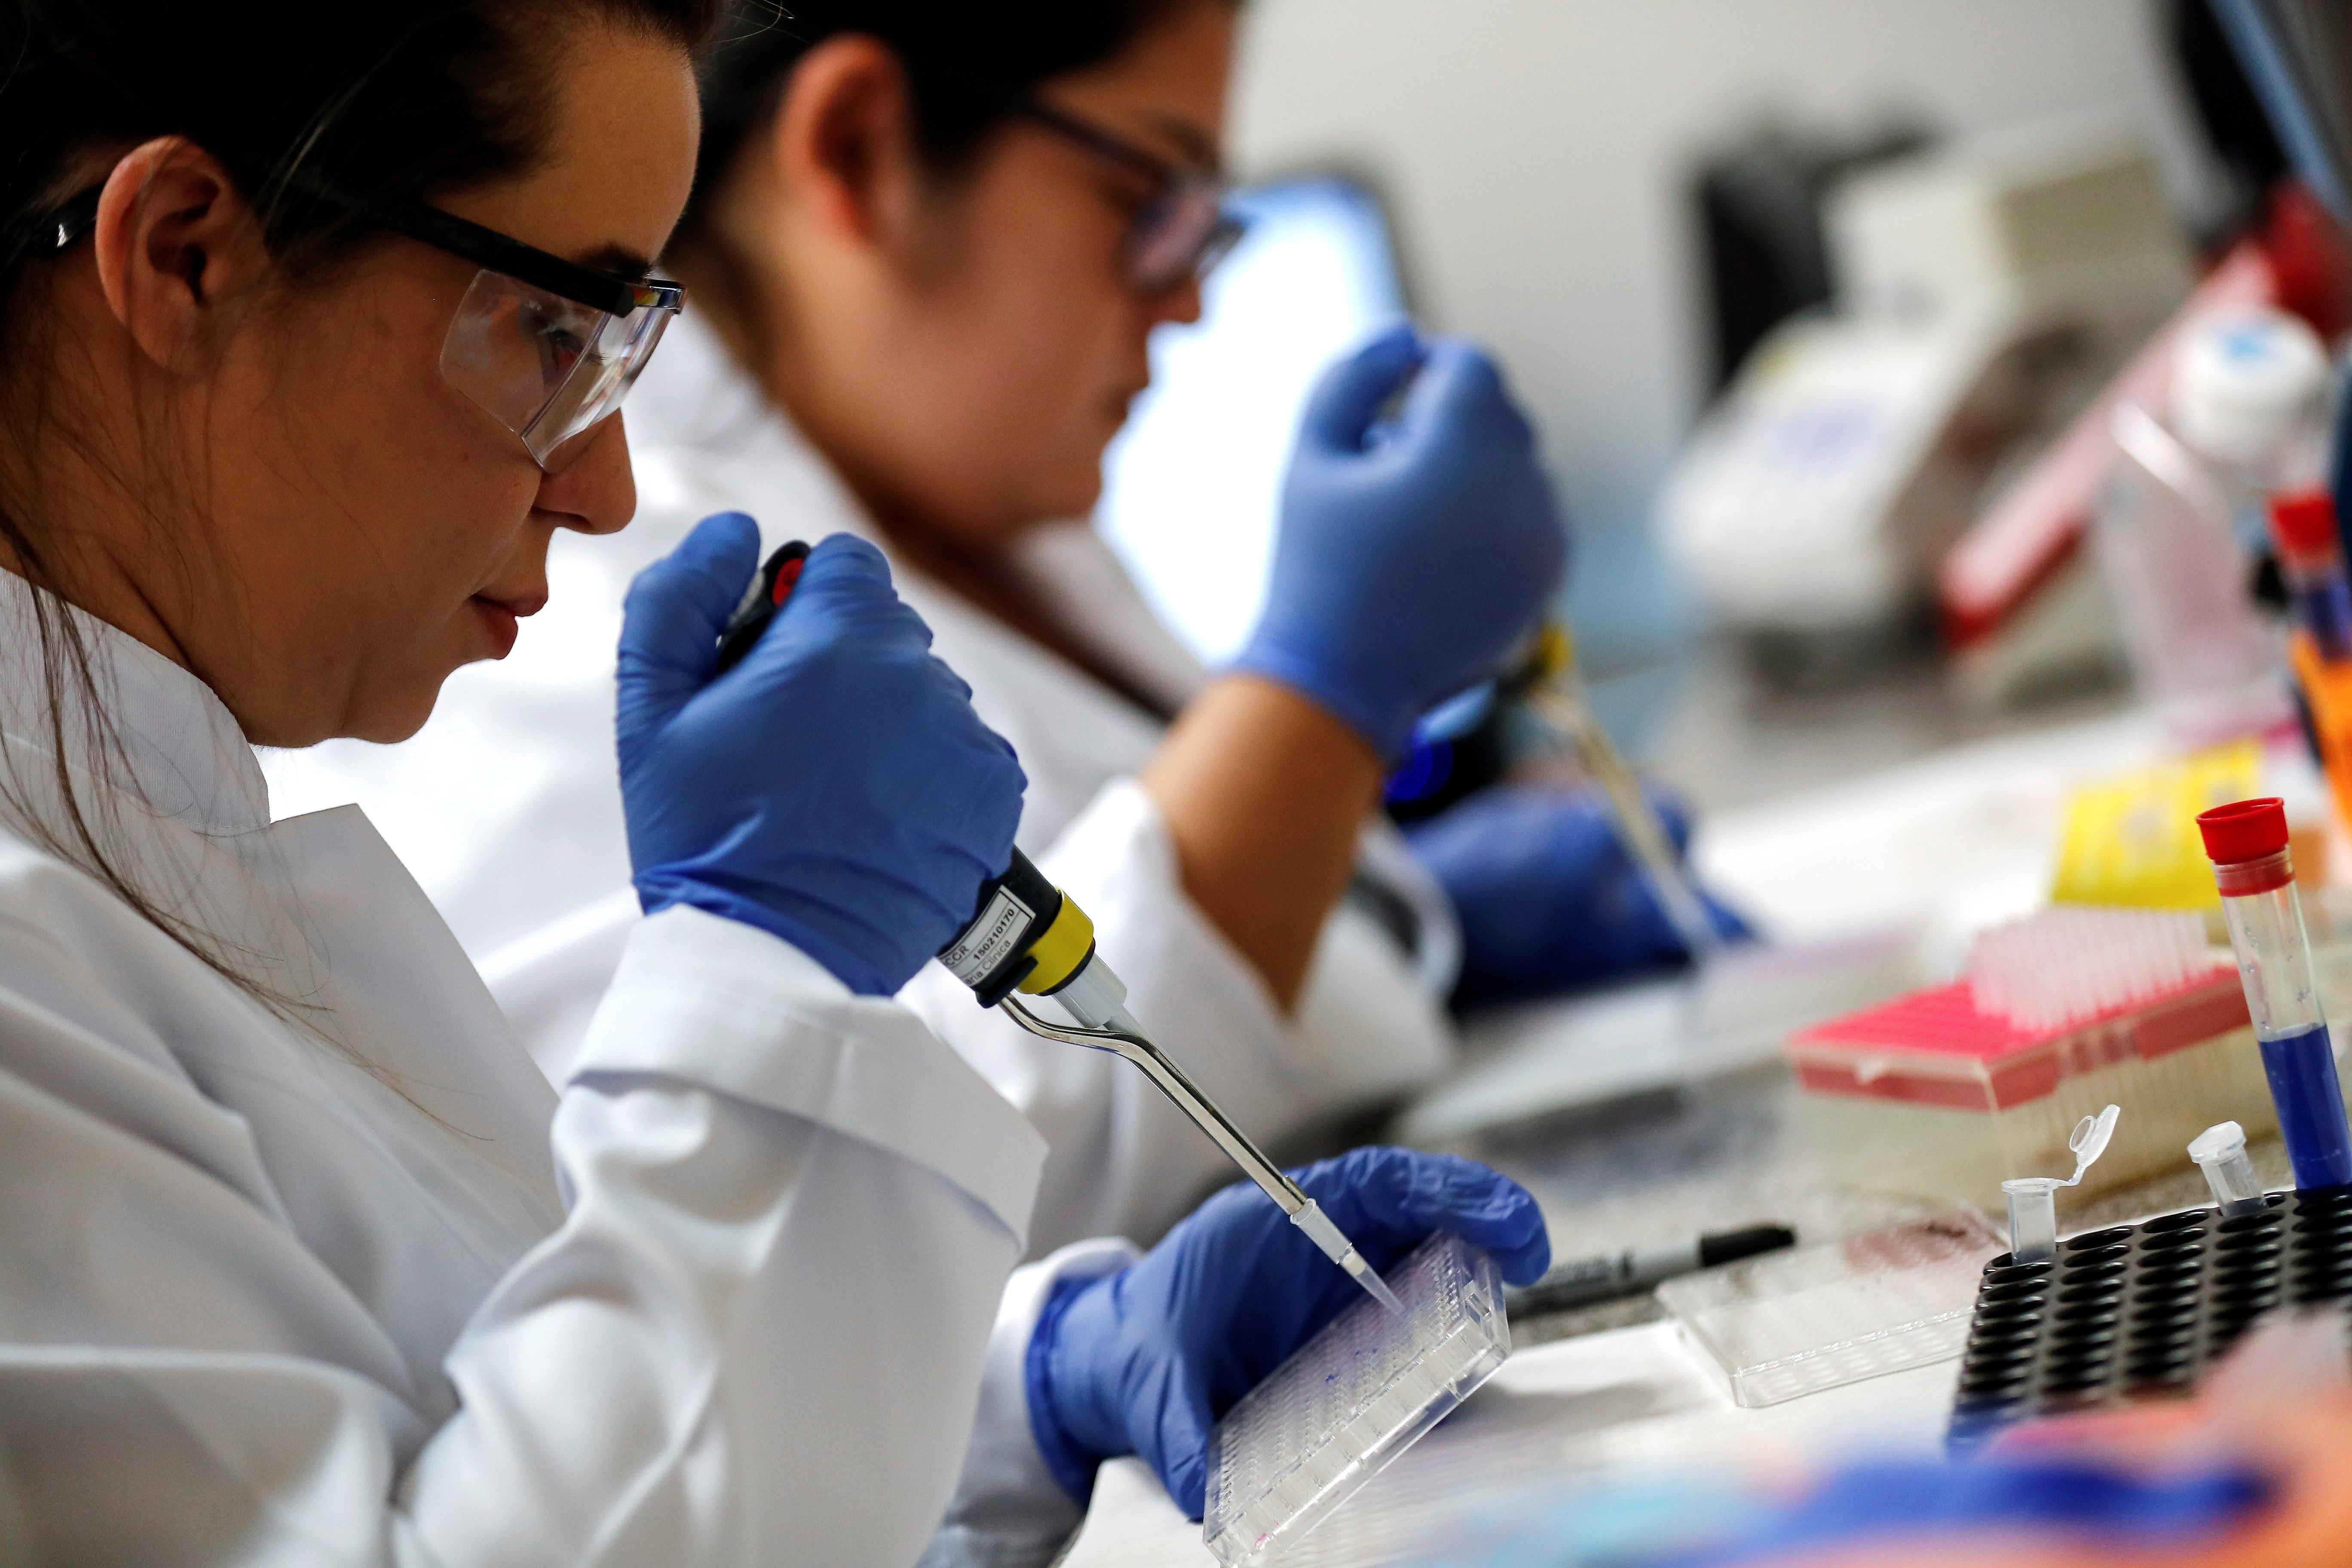 Brasil autoriza ensayos de la vacuna contra COVID-19 de una empresa china